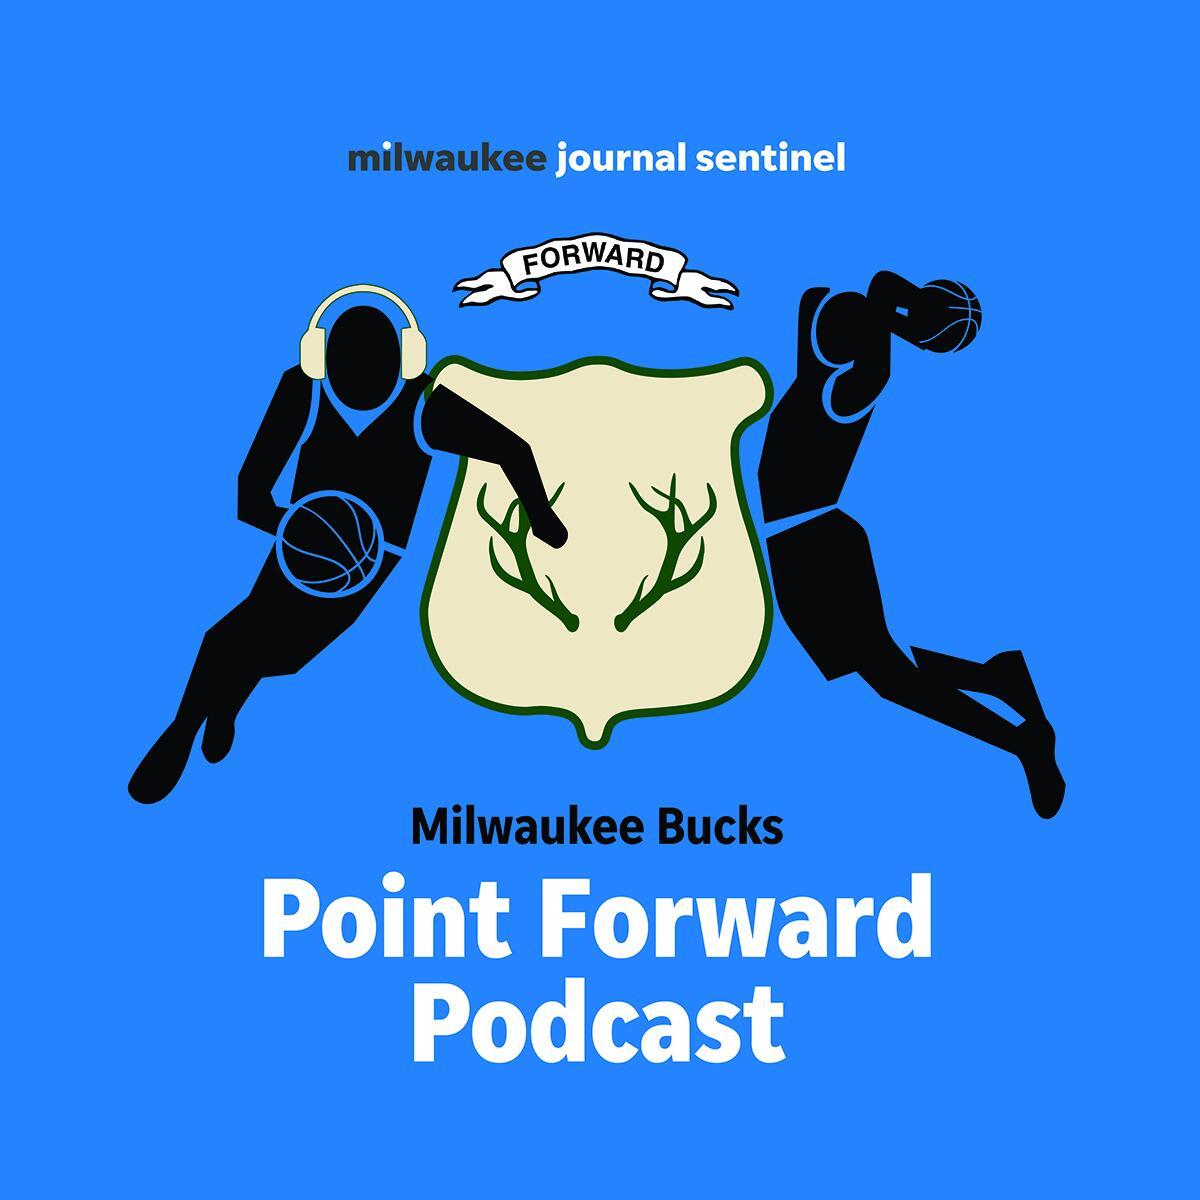 The Milwaukee Bucks Point Forward Podcast